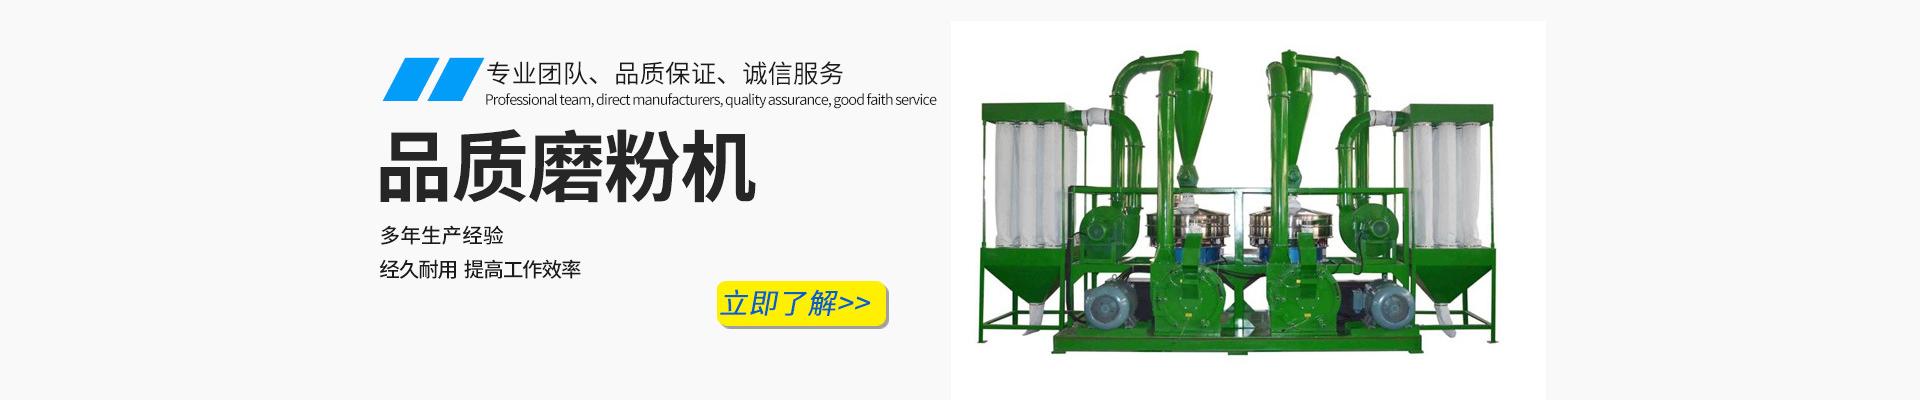 张家港市润天塑料机械有限公司